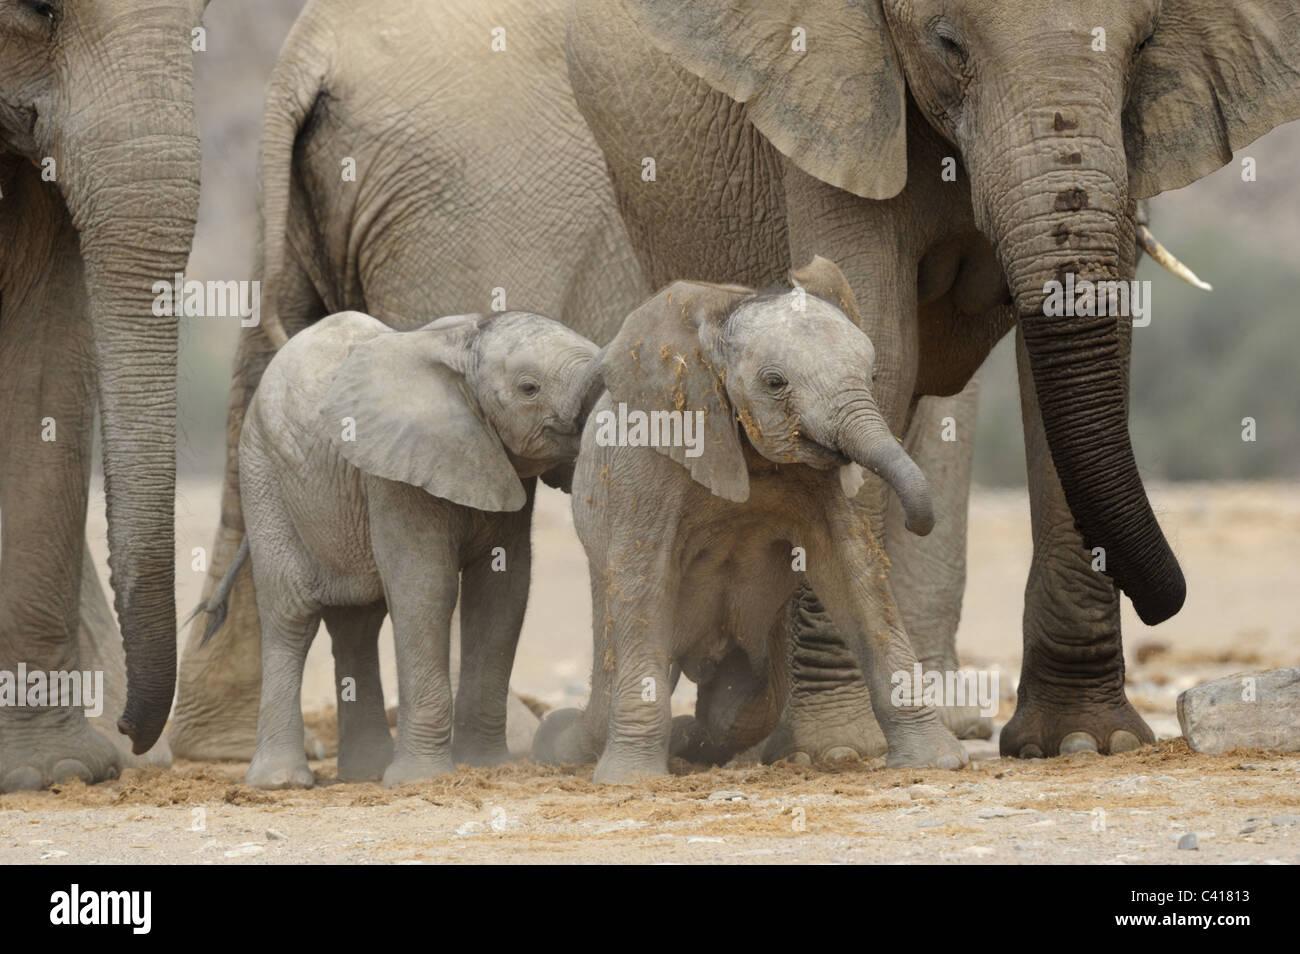 Los elefantes del desierto, Loxodonta africana, seco del río Hoanib, Namibia, Africa, enero de 2011 Imagen De Stock